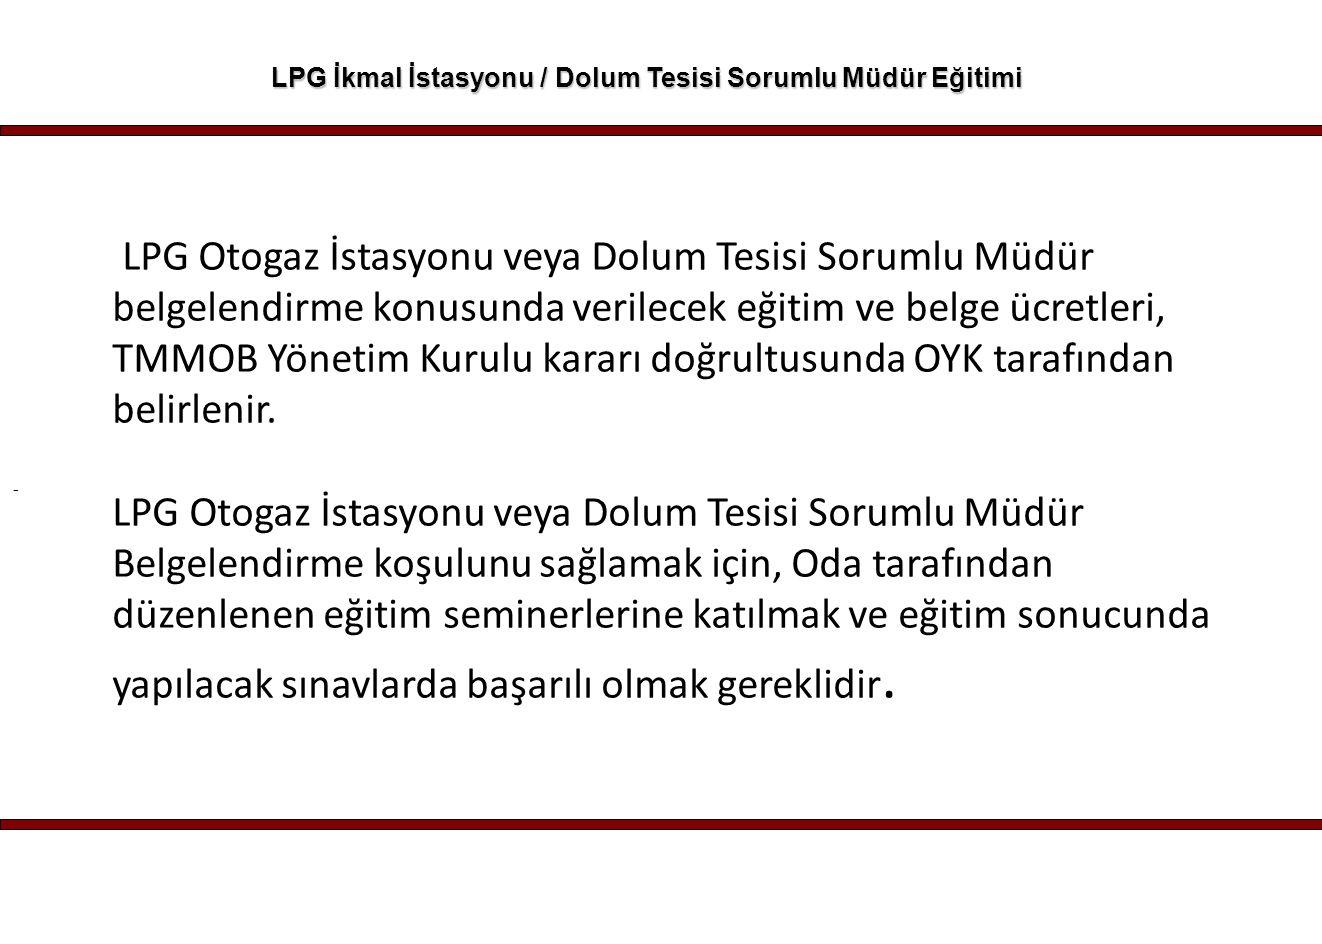 - LPG İkmal İstasyonu / Dolum Tesisi Sorumlu Müdür Eğitimi LPG Otogaz İstasyonu veya Dolum Tesisi Sorumlu Müdür belgelendirme konusunda verilecek eğit